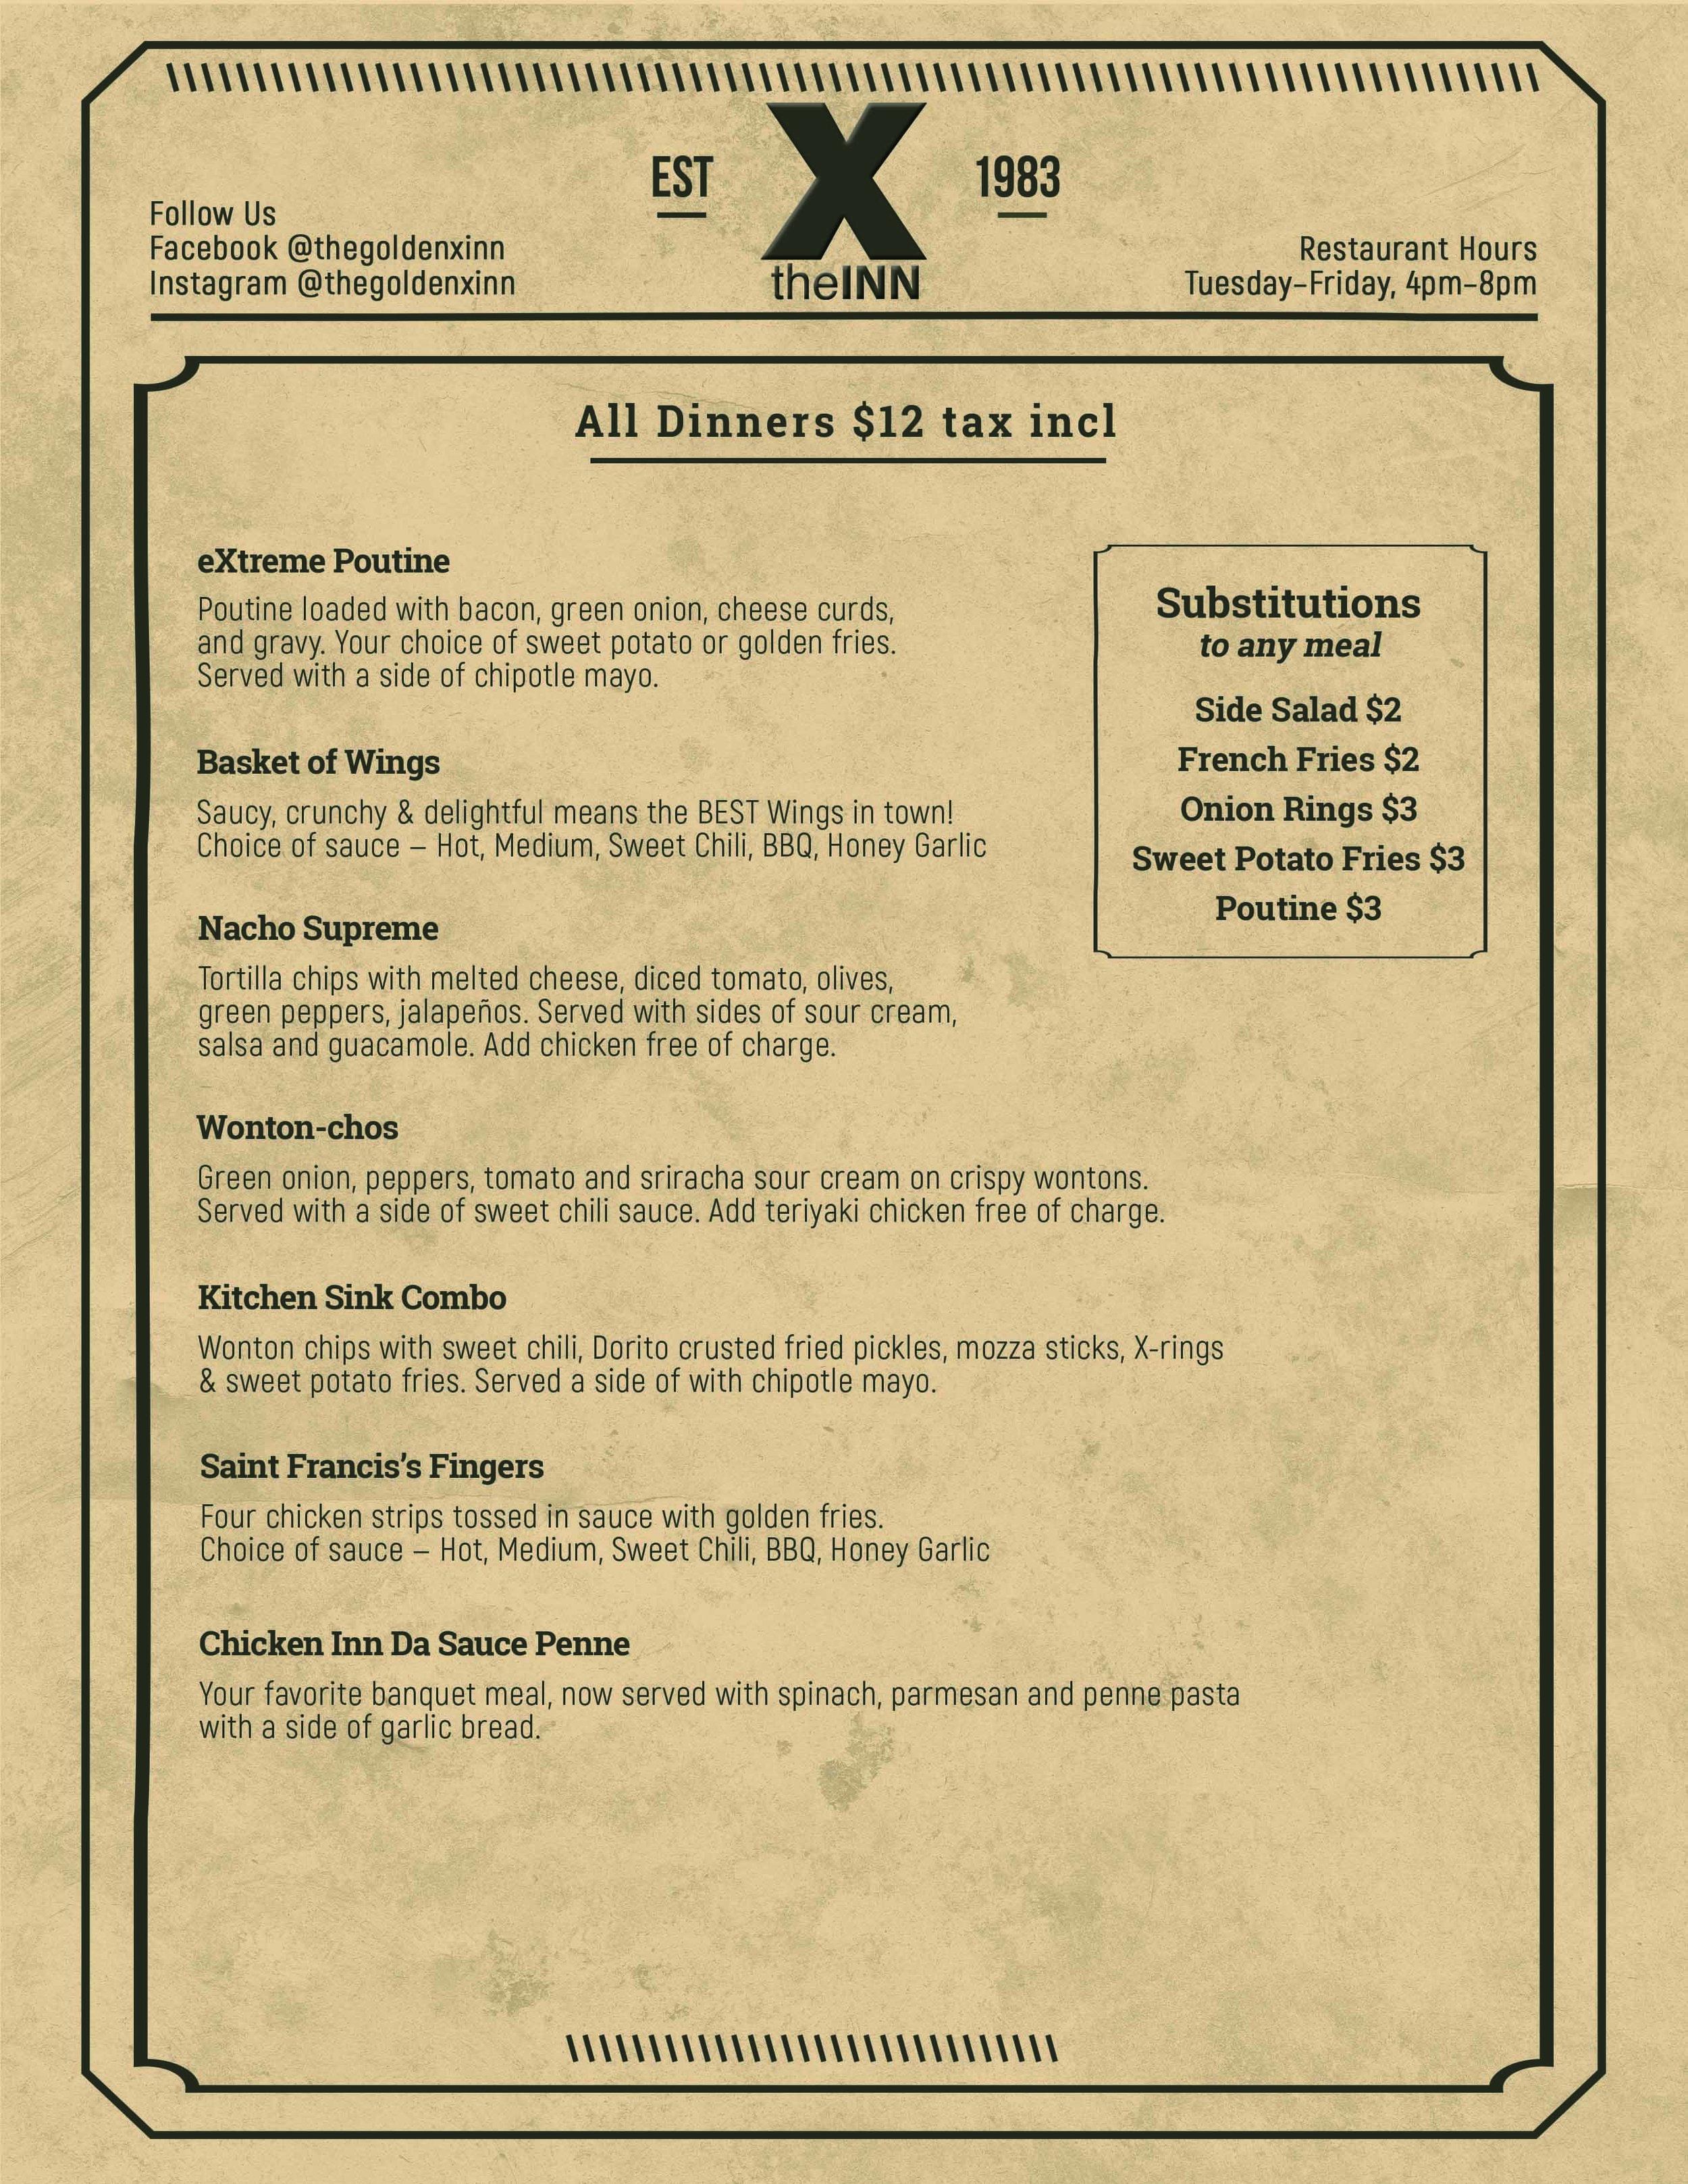 Inn Dinner Menu Page 2 jan 19.jpg